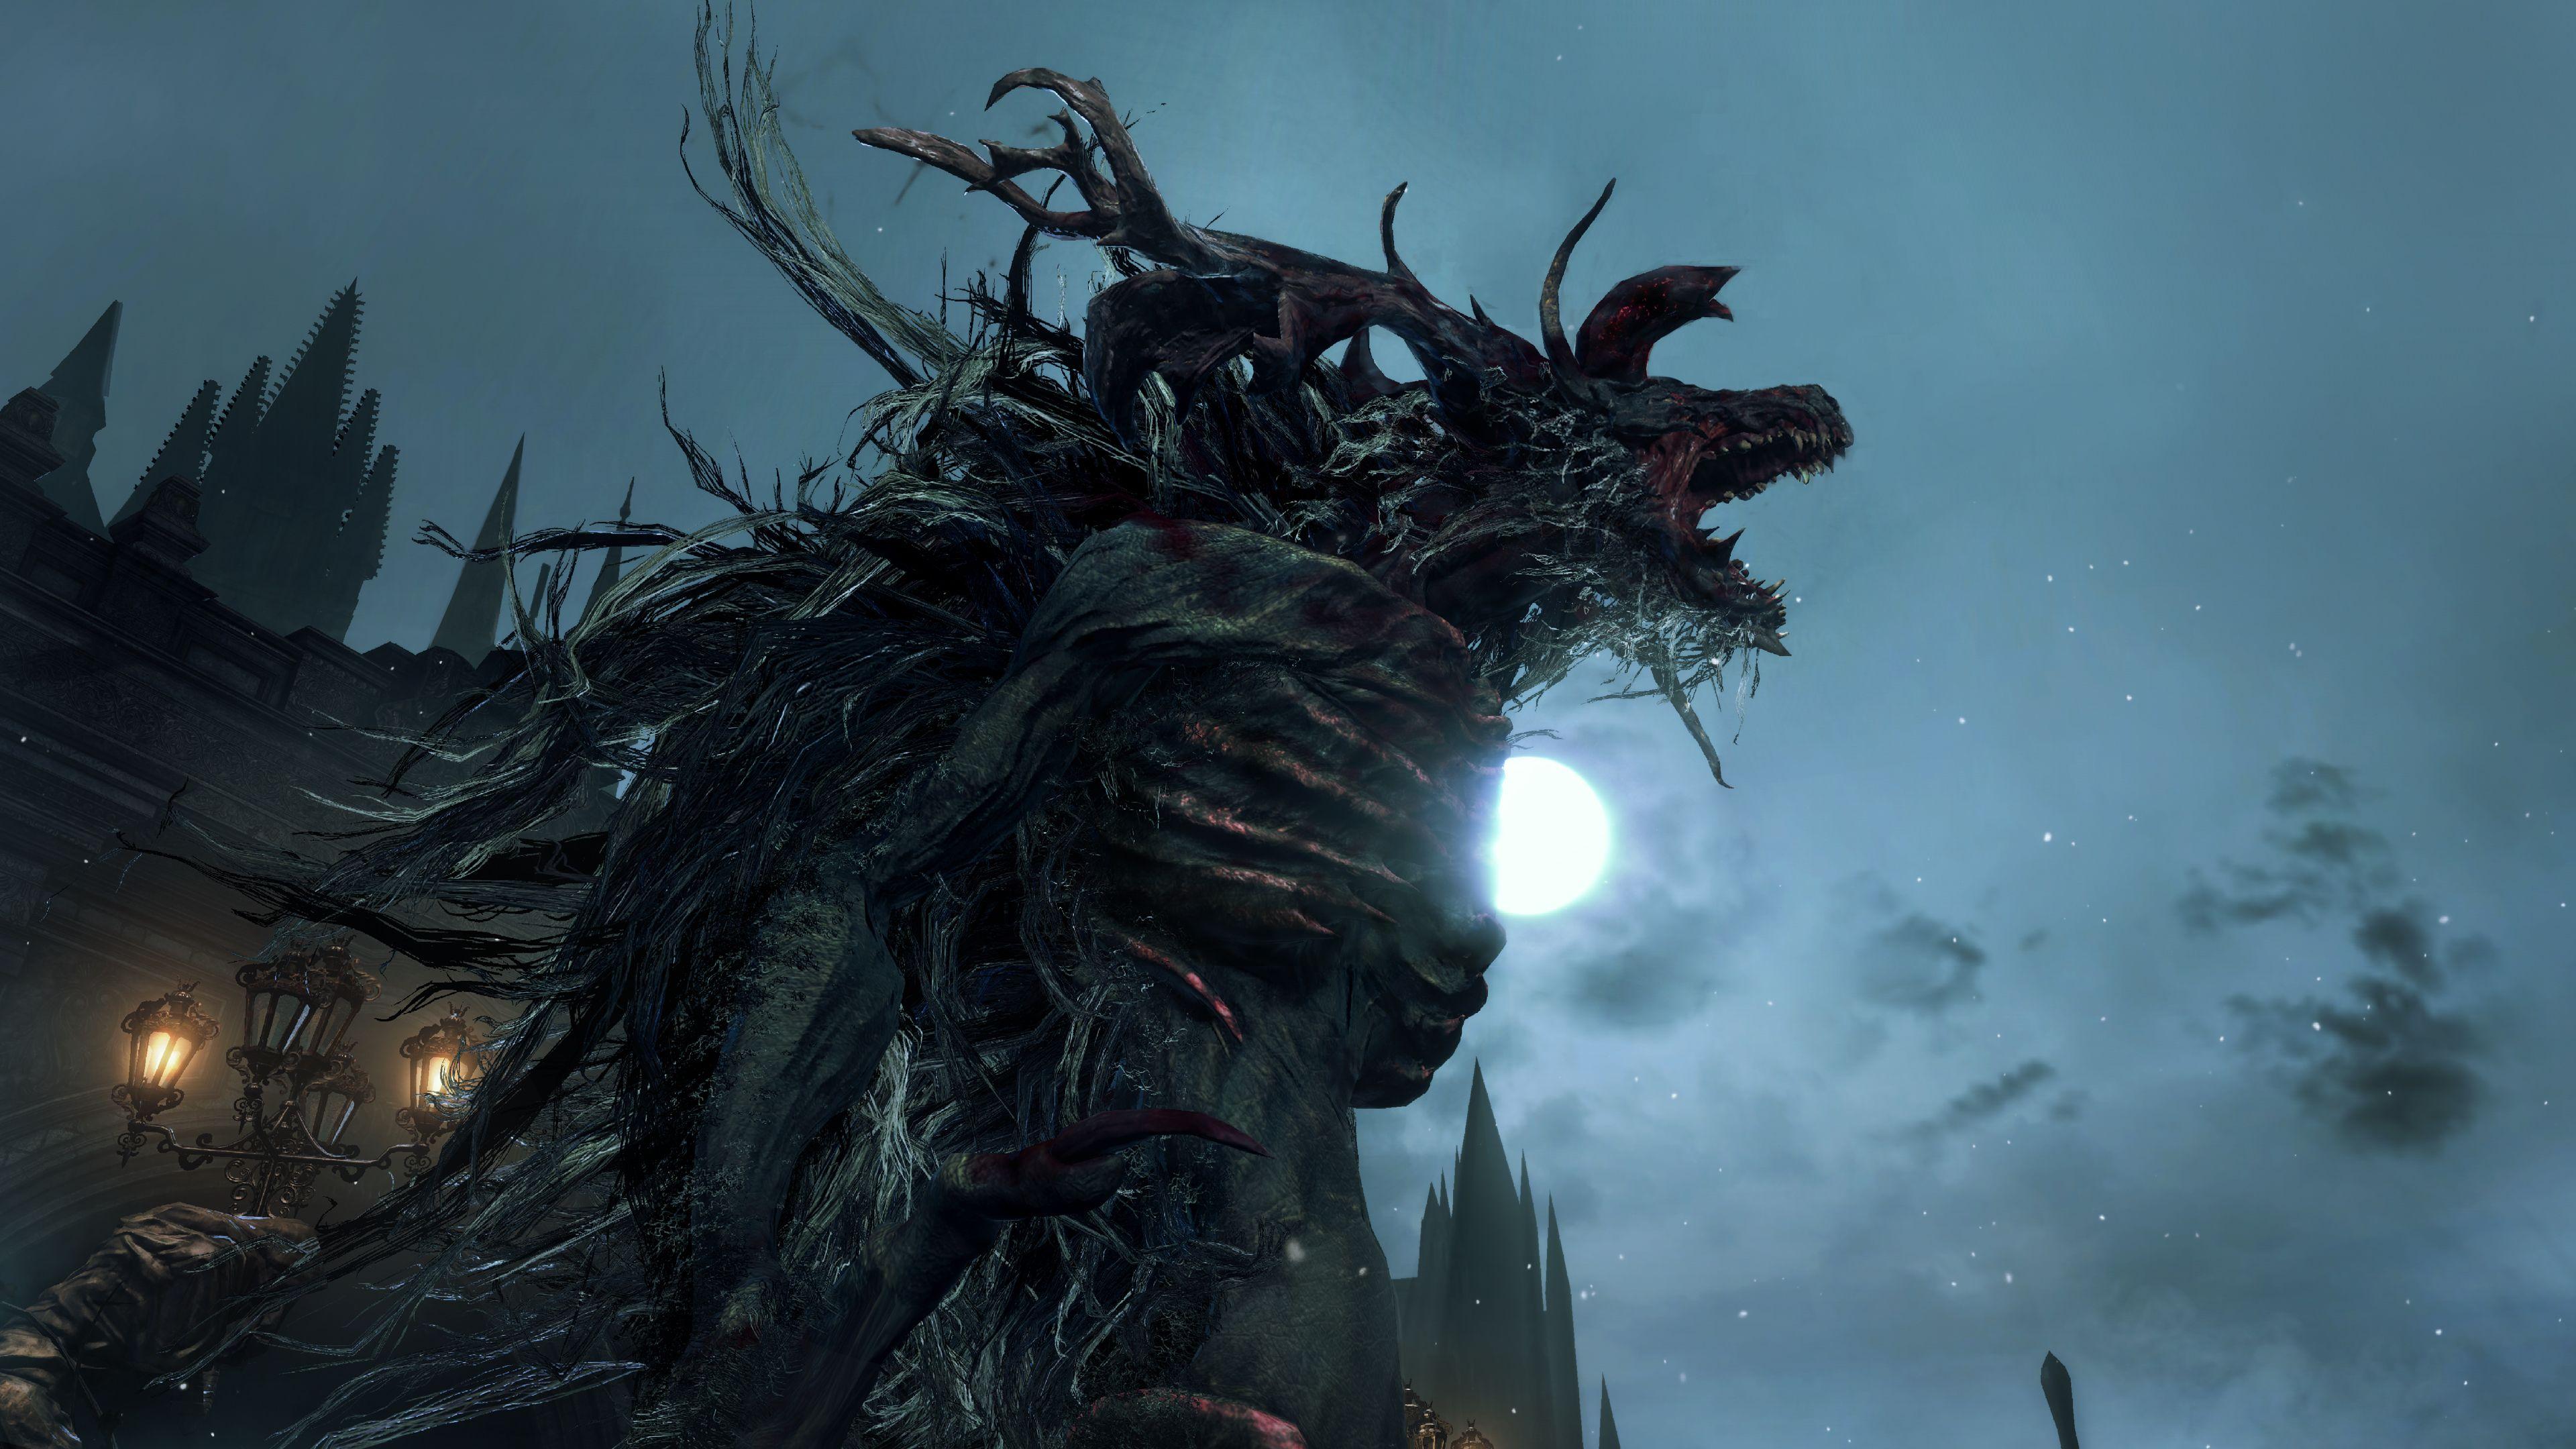 From Software: графика в Bloodborne по сравнению с последними видео будет улучшена Никакой PC-версии. - Изображение 1